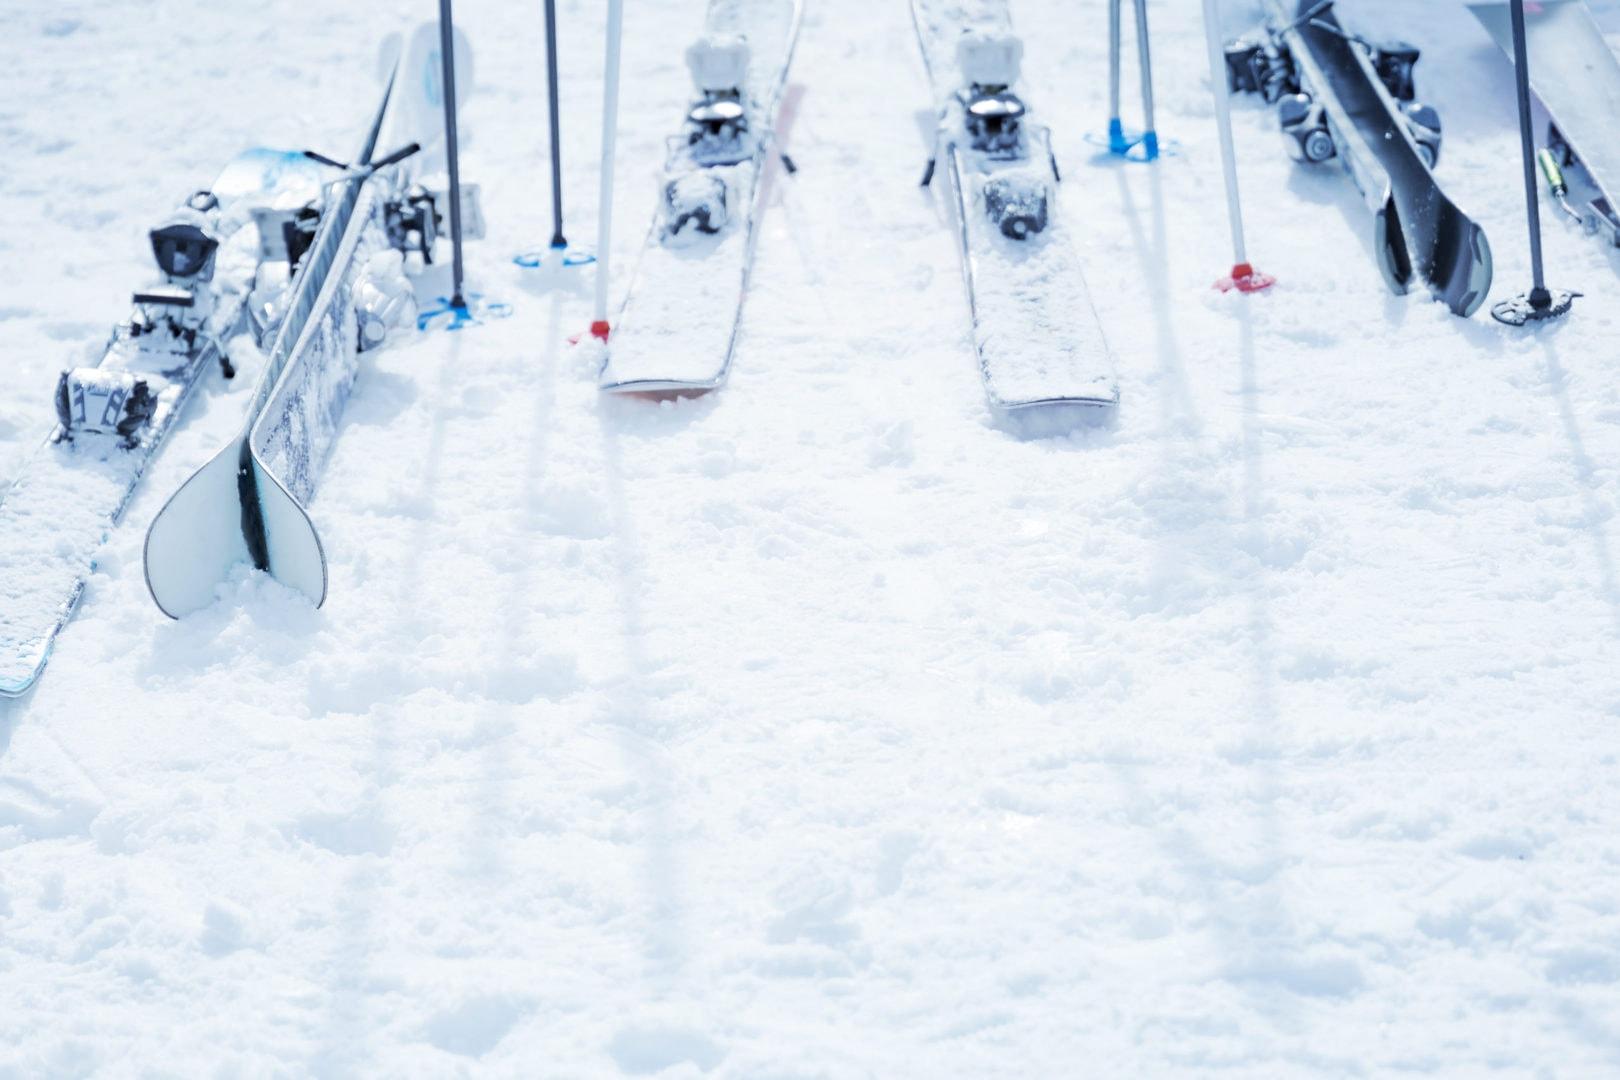 Neve fresca e sci pronti per vacanze a Livigno